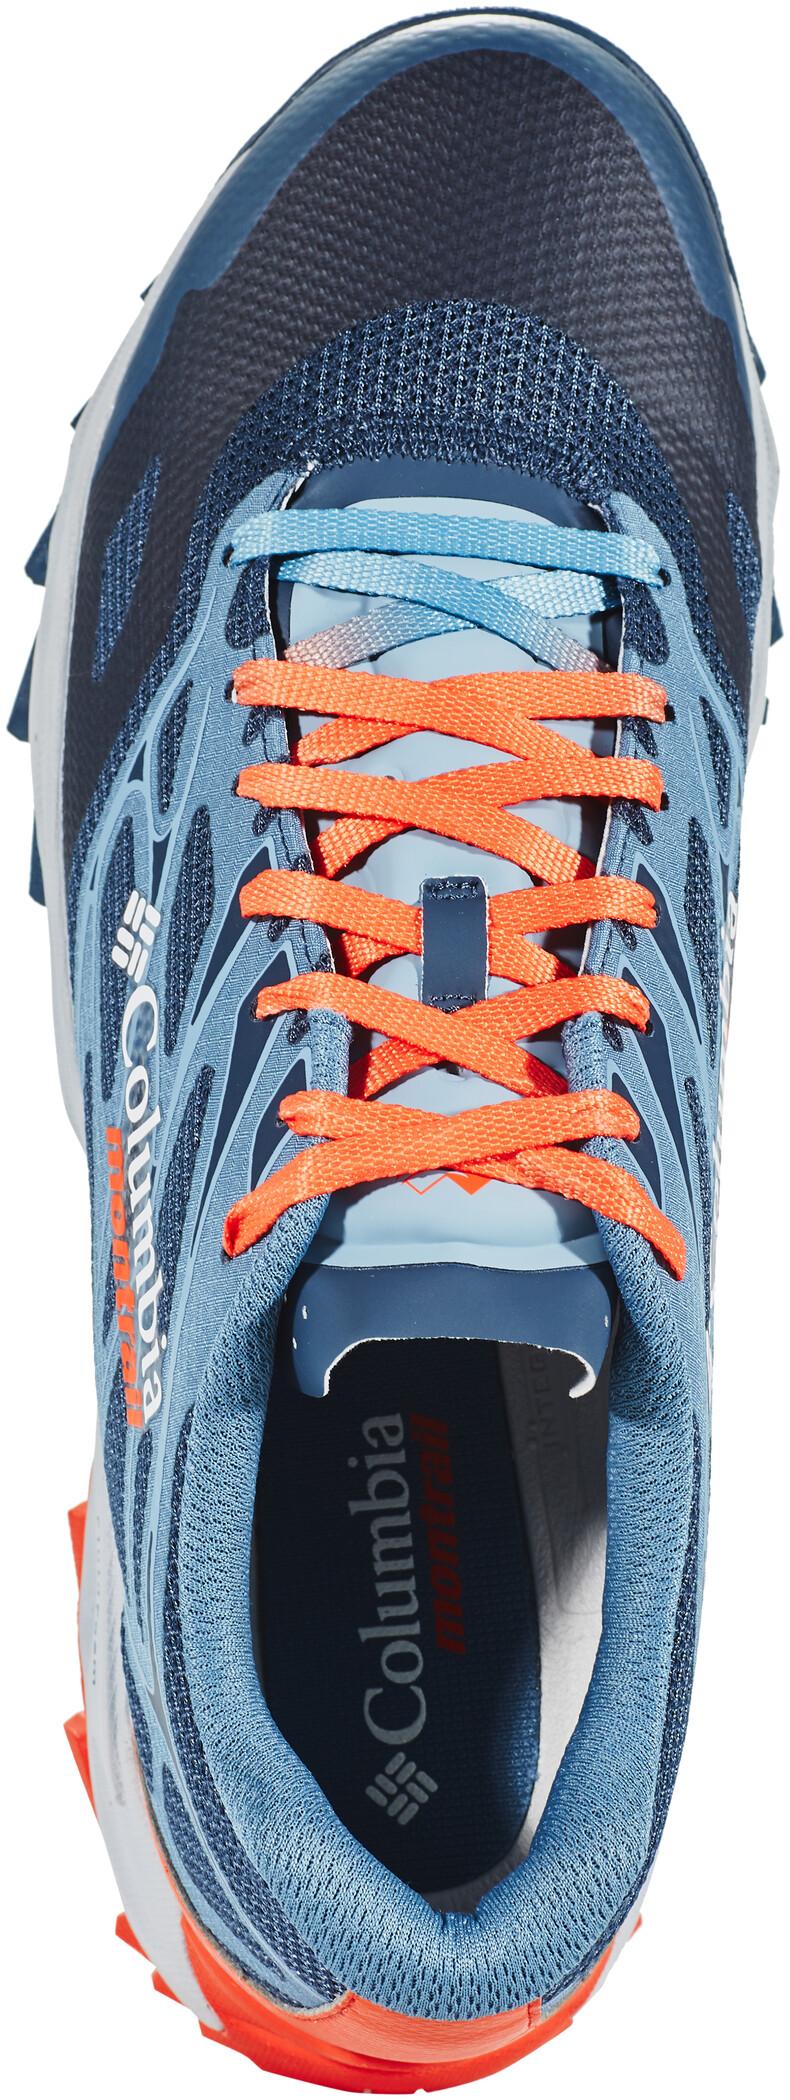 Columbia Trans Alps F.K.T. II Shoes Herr zincred quartz